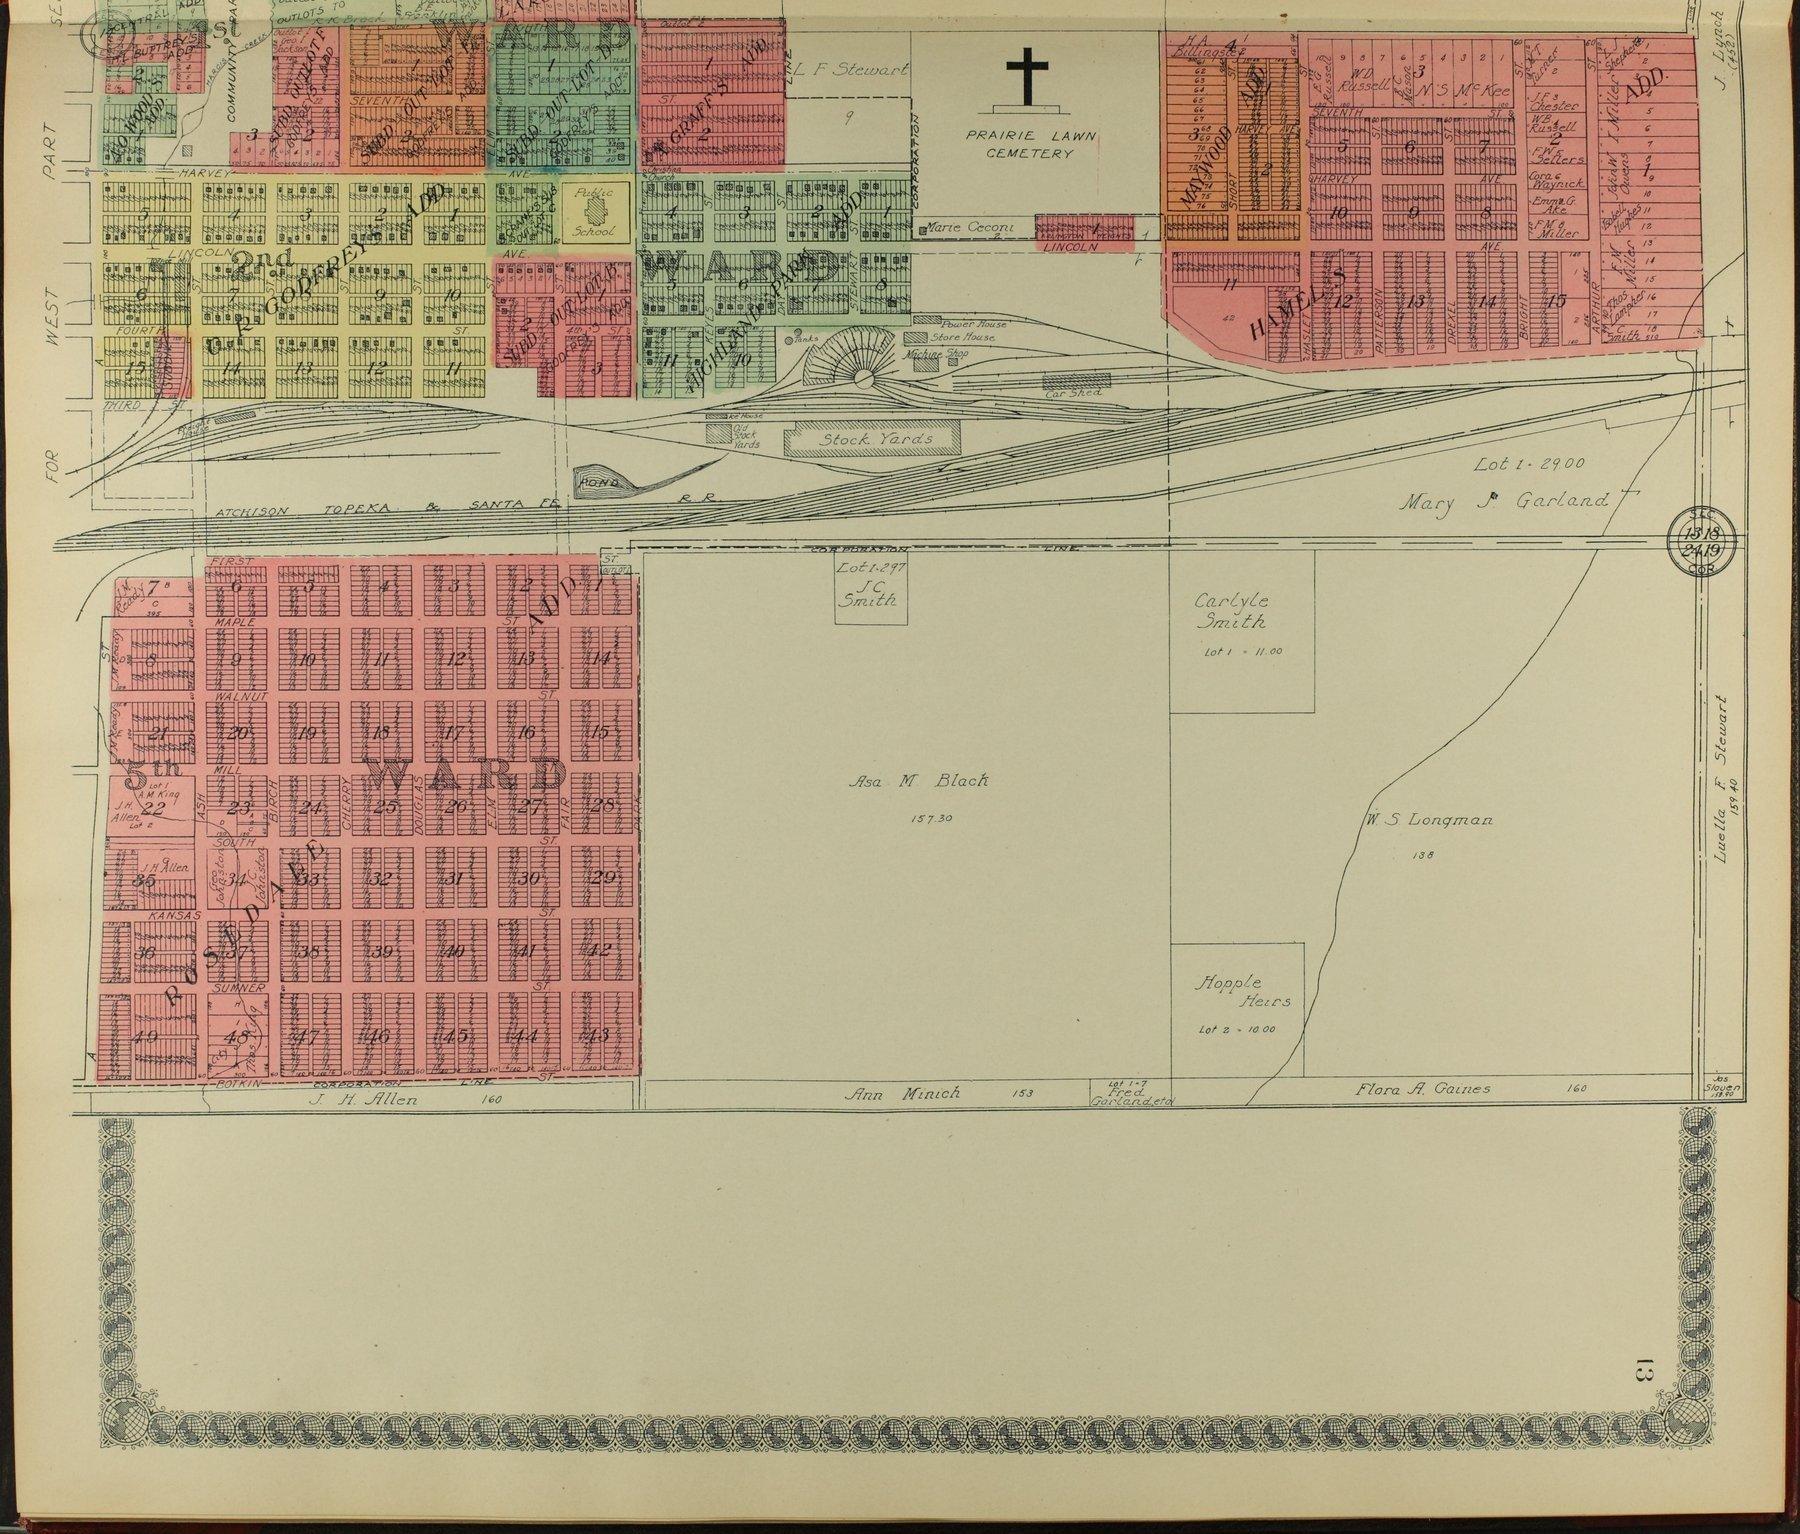 Standard atlas of Sumner County, Kansas - 13